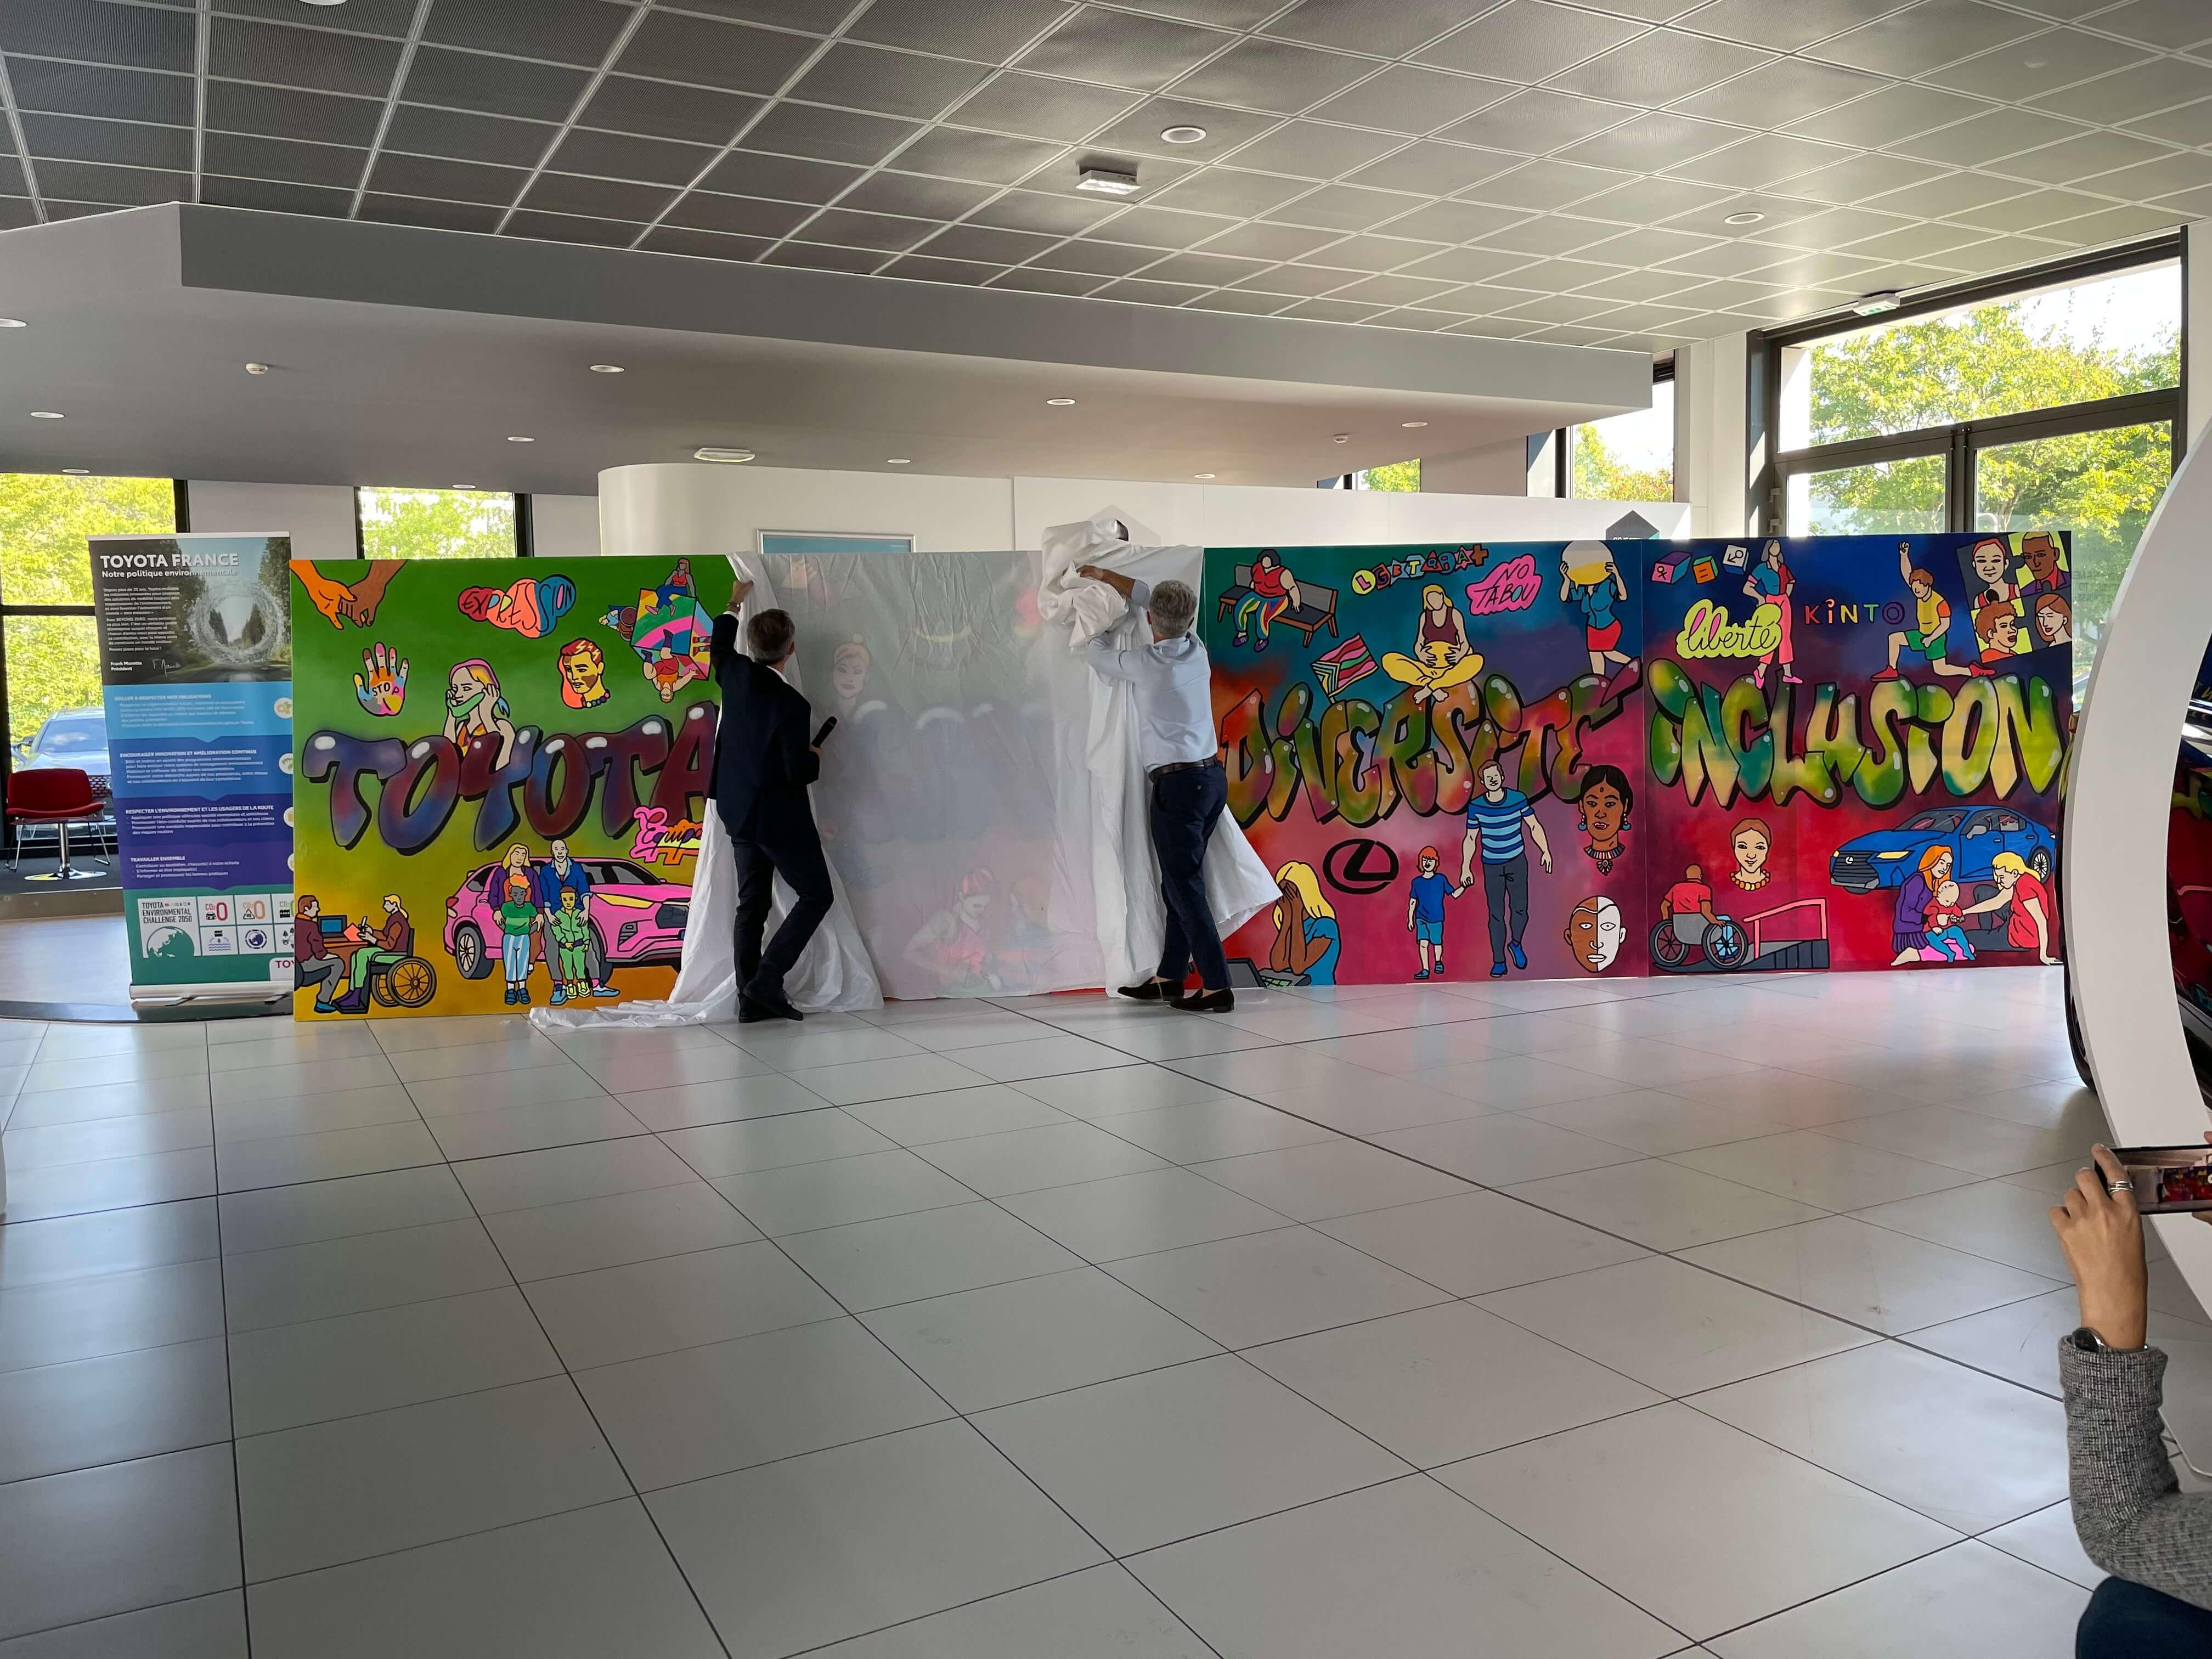 Reveal d'une fresque géante autour du street art et de l'inclusion